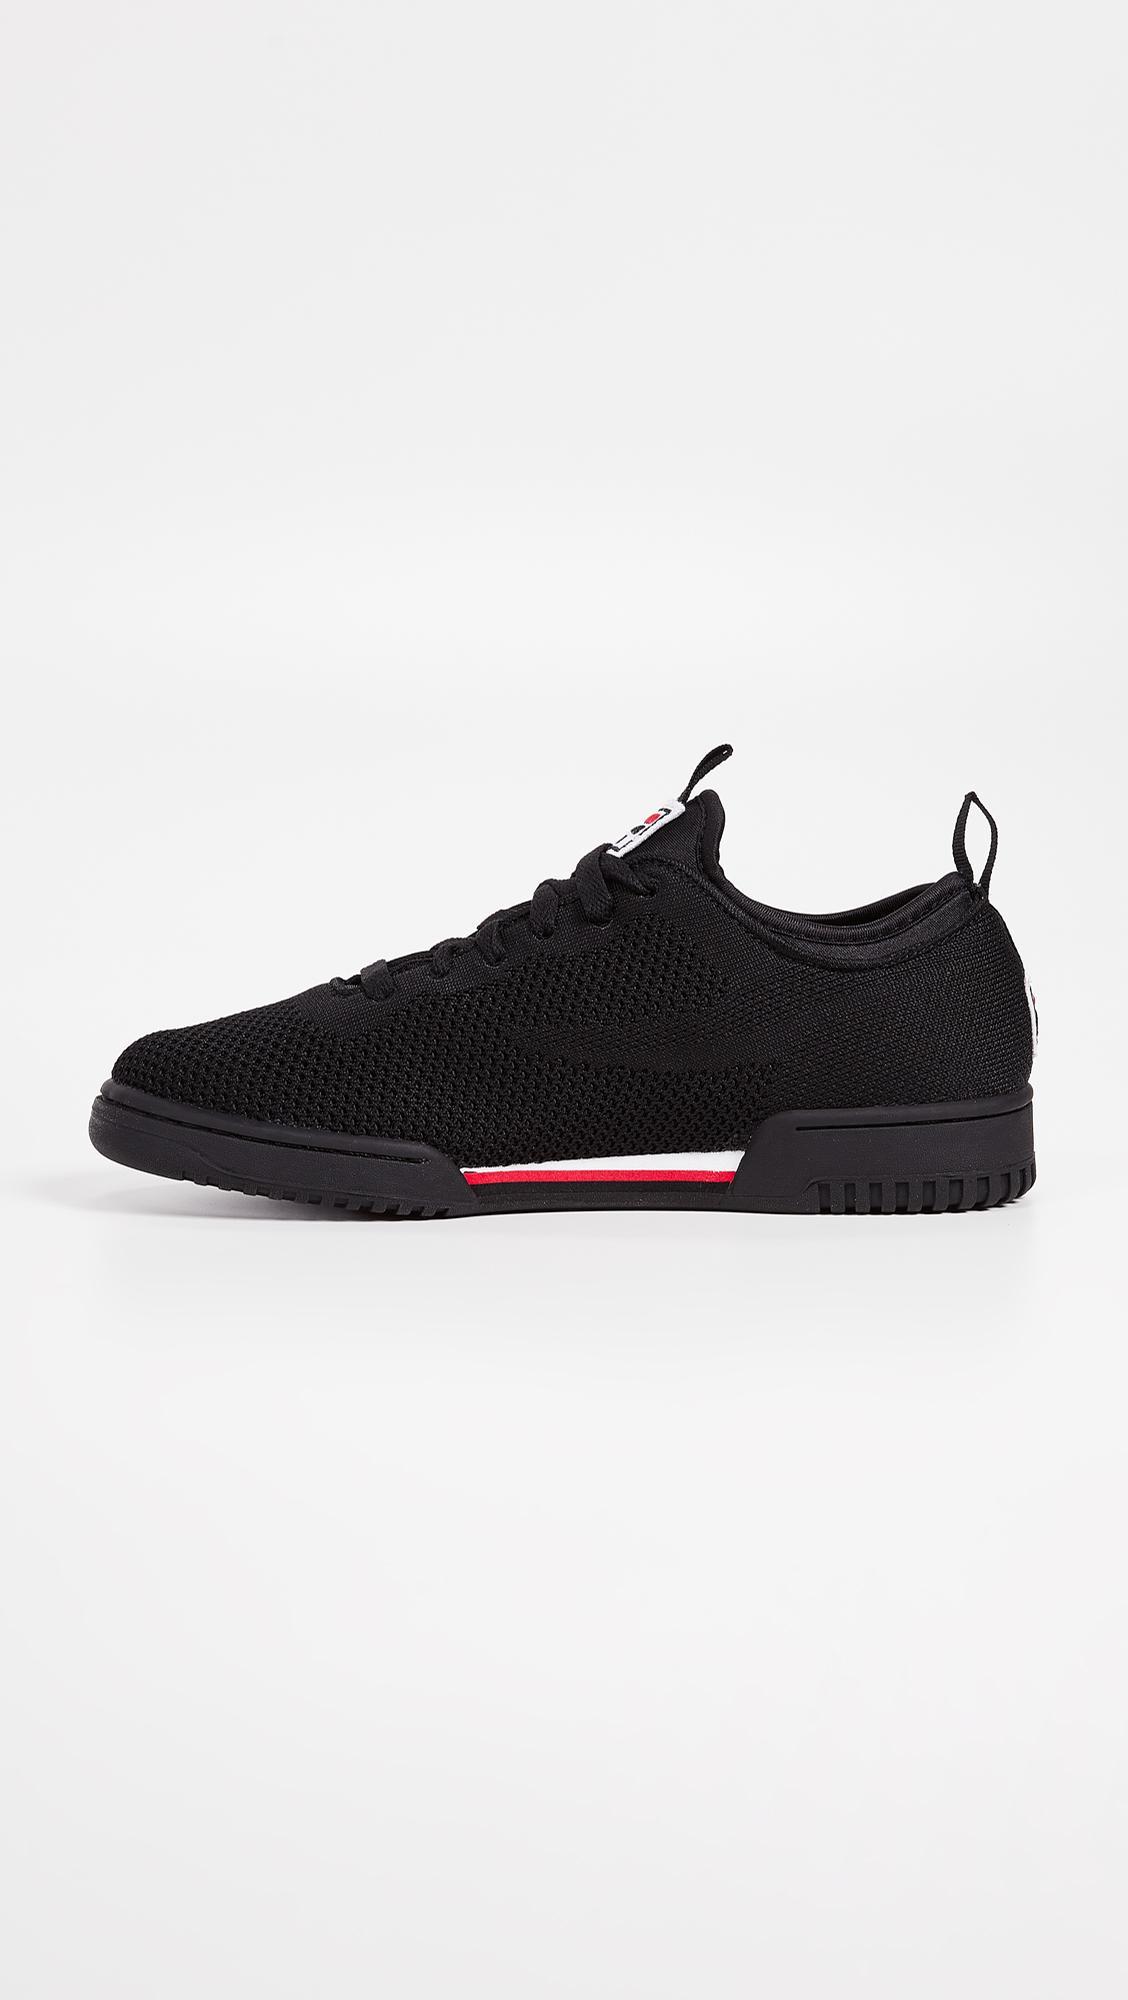 new concept d493f 98167 Fila - Black Original Fitness 2.0 Sneakers for Men - Lyst. View fullscreen